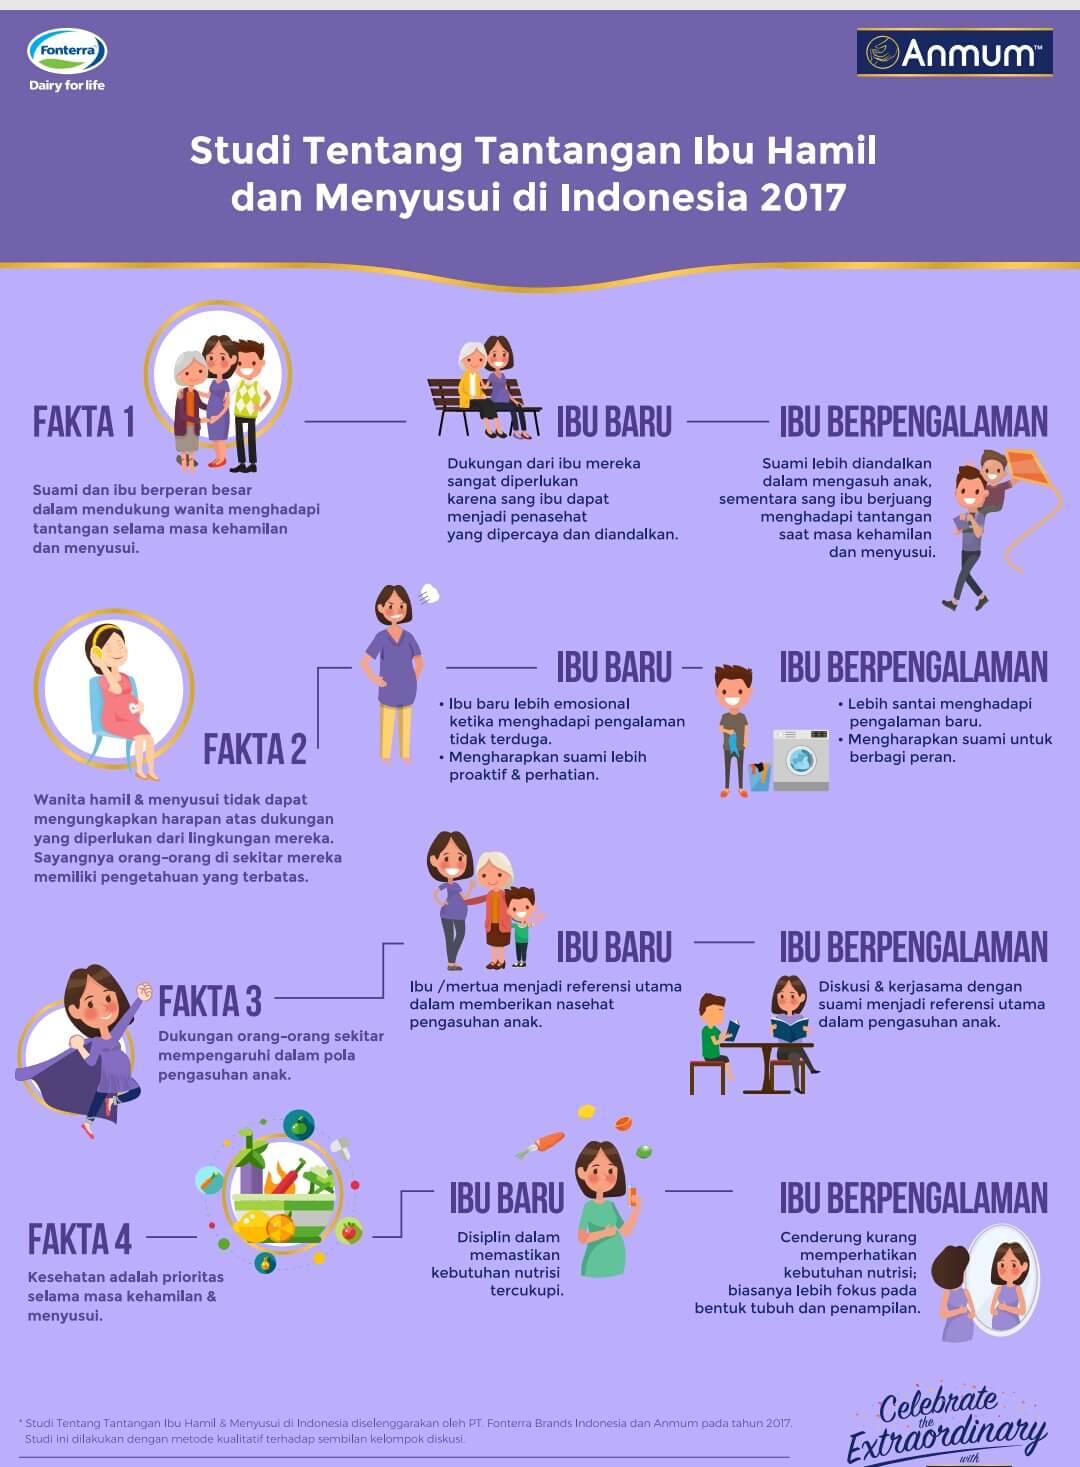 fakta tentang kebutuhan dukunganibu baru dan ibu perpengalaman